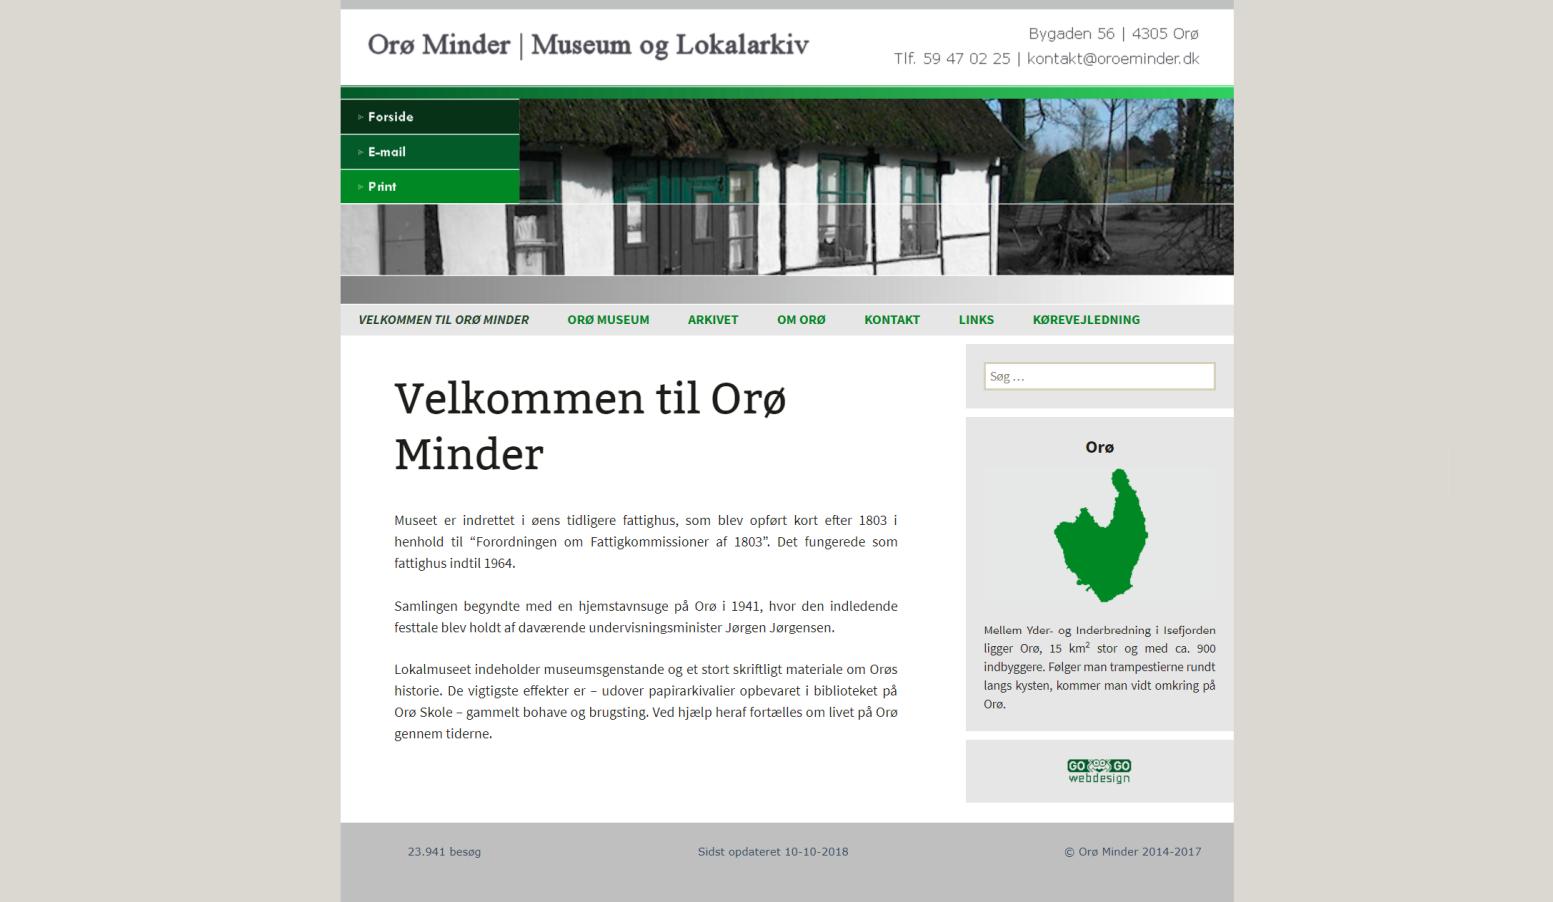 oroeminder.dk